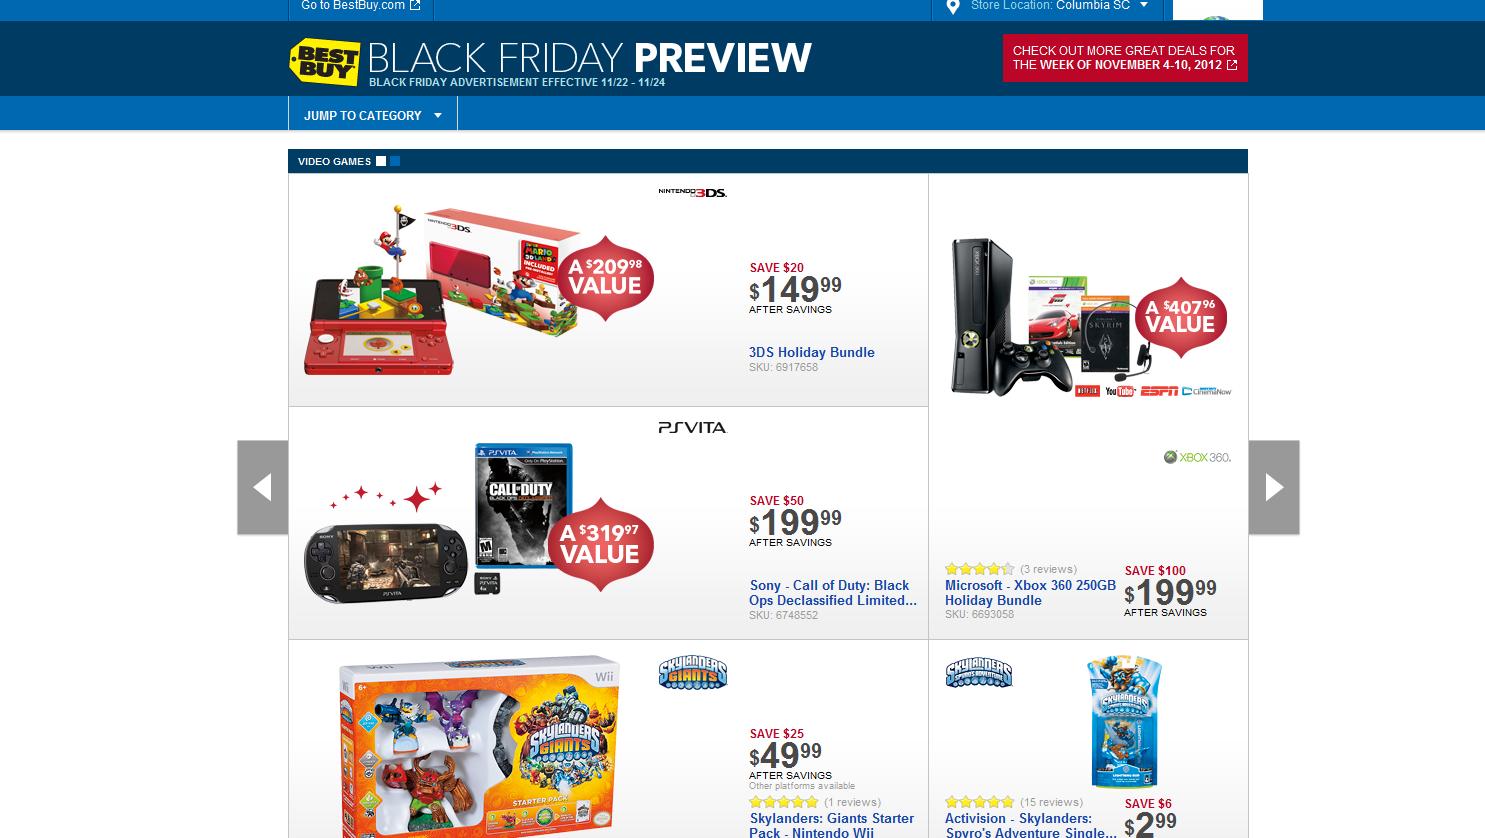 Black Friday: Best Buy announces deals